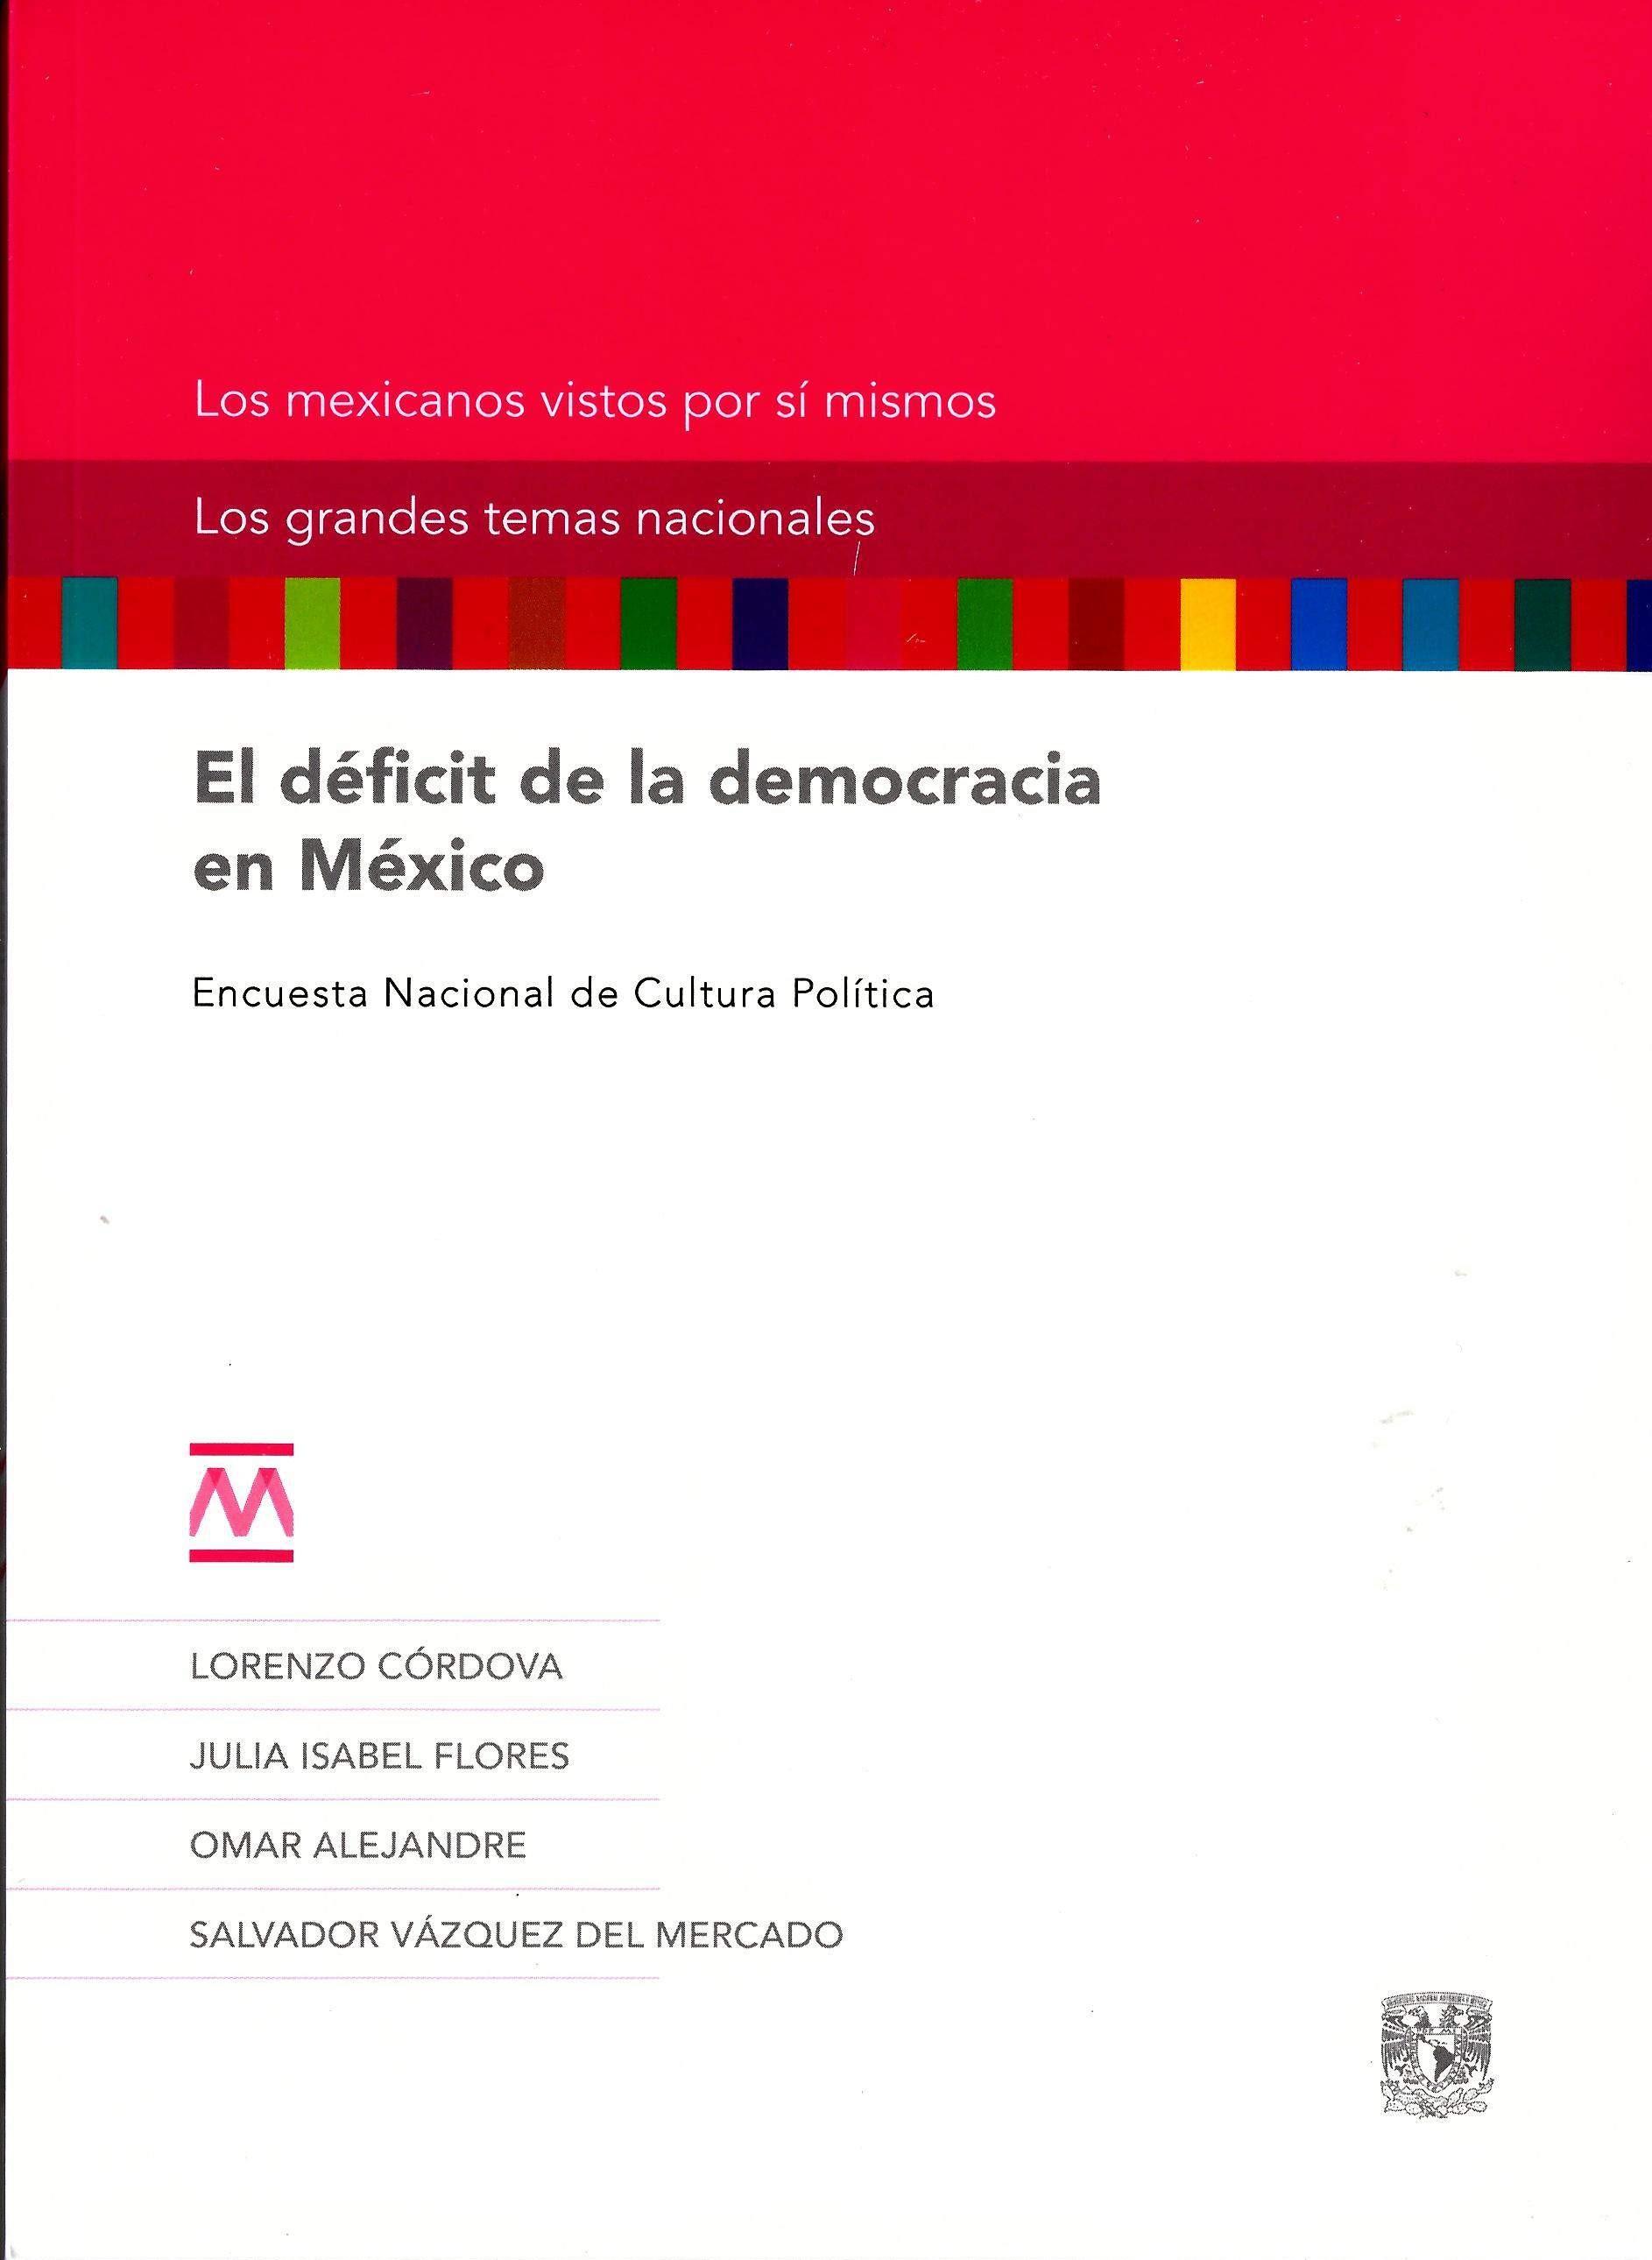 El déficit de la democracia en México. Encuesta Nacional de Cultura Política